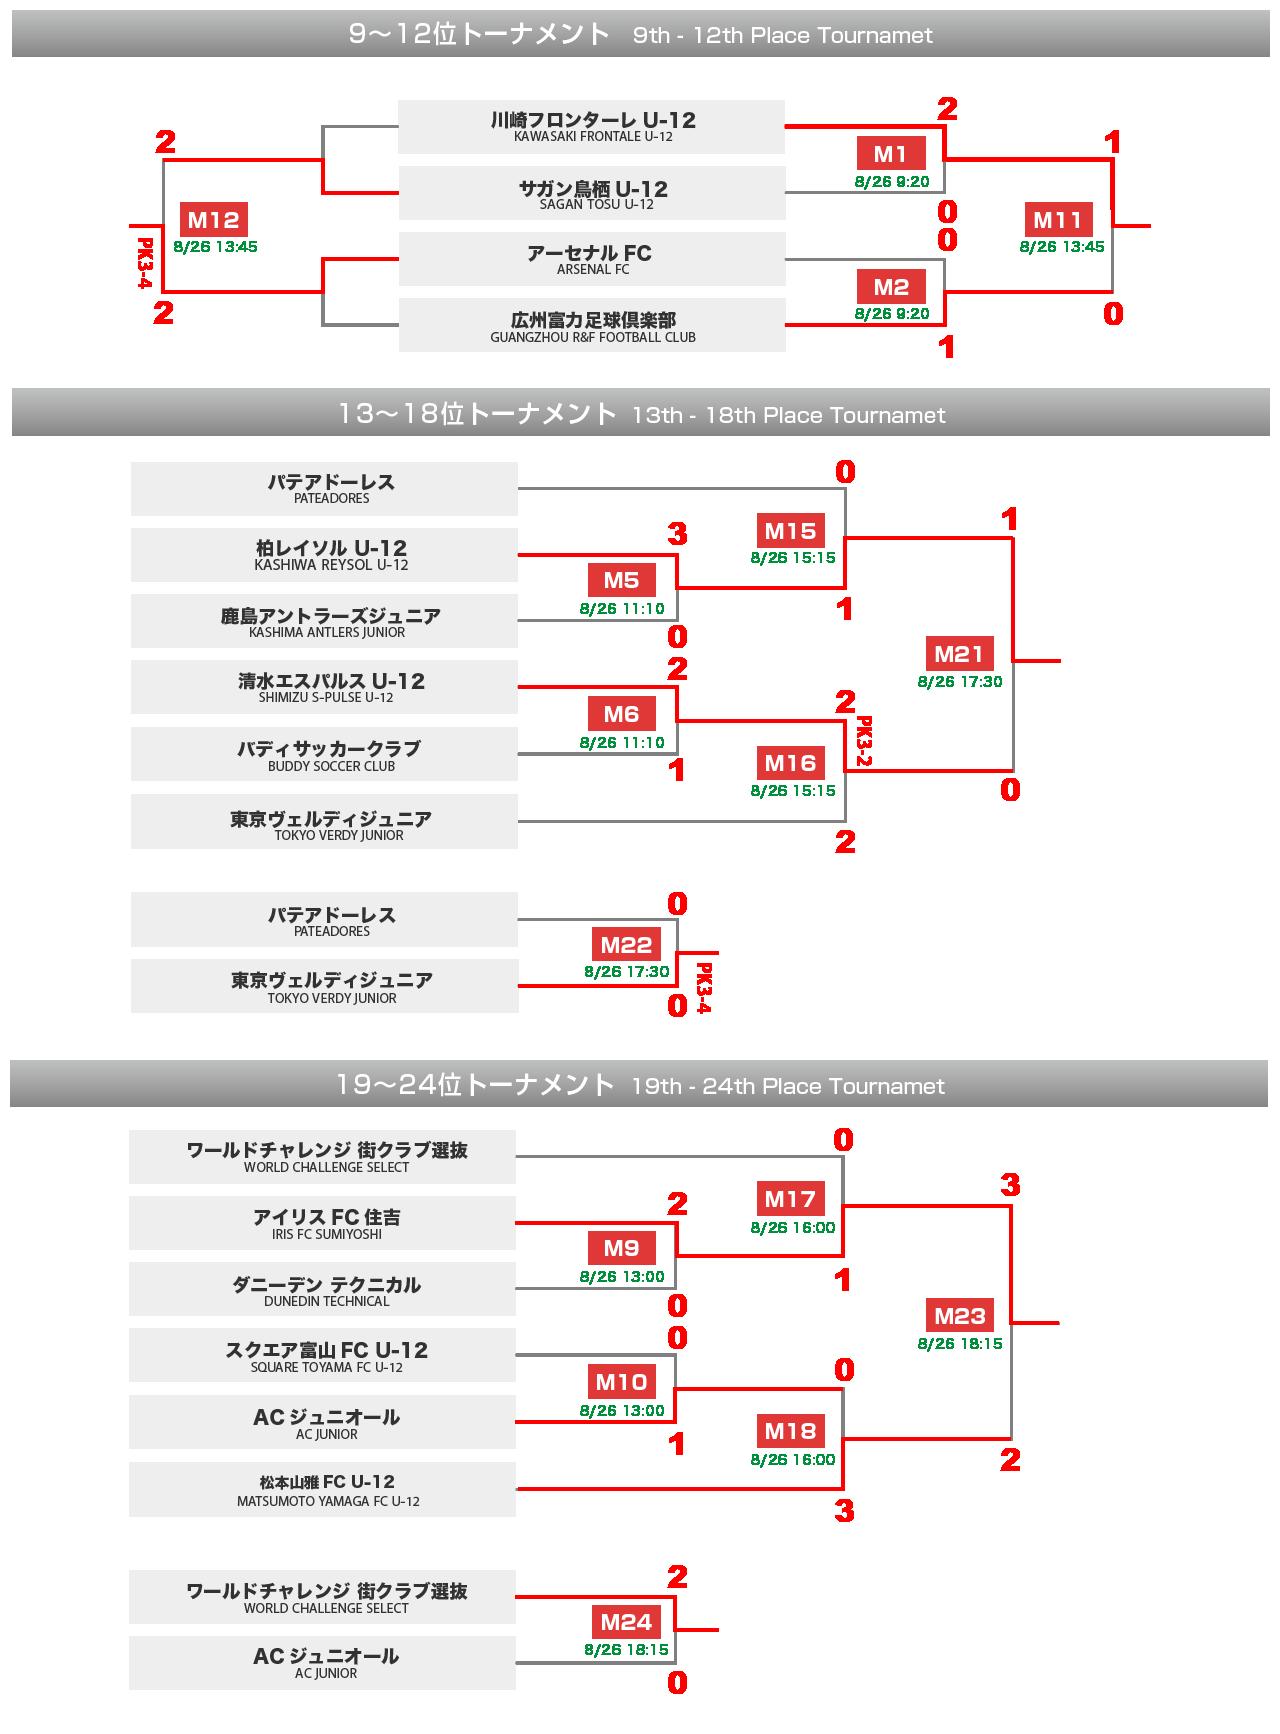 下位トーナメント